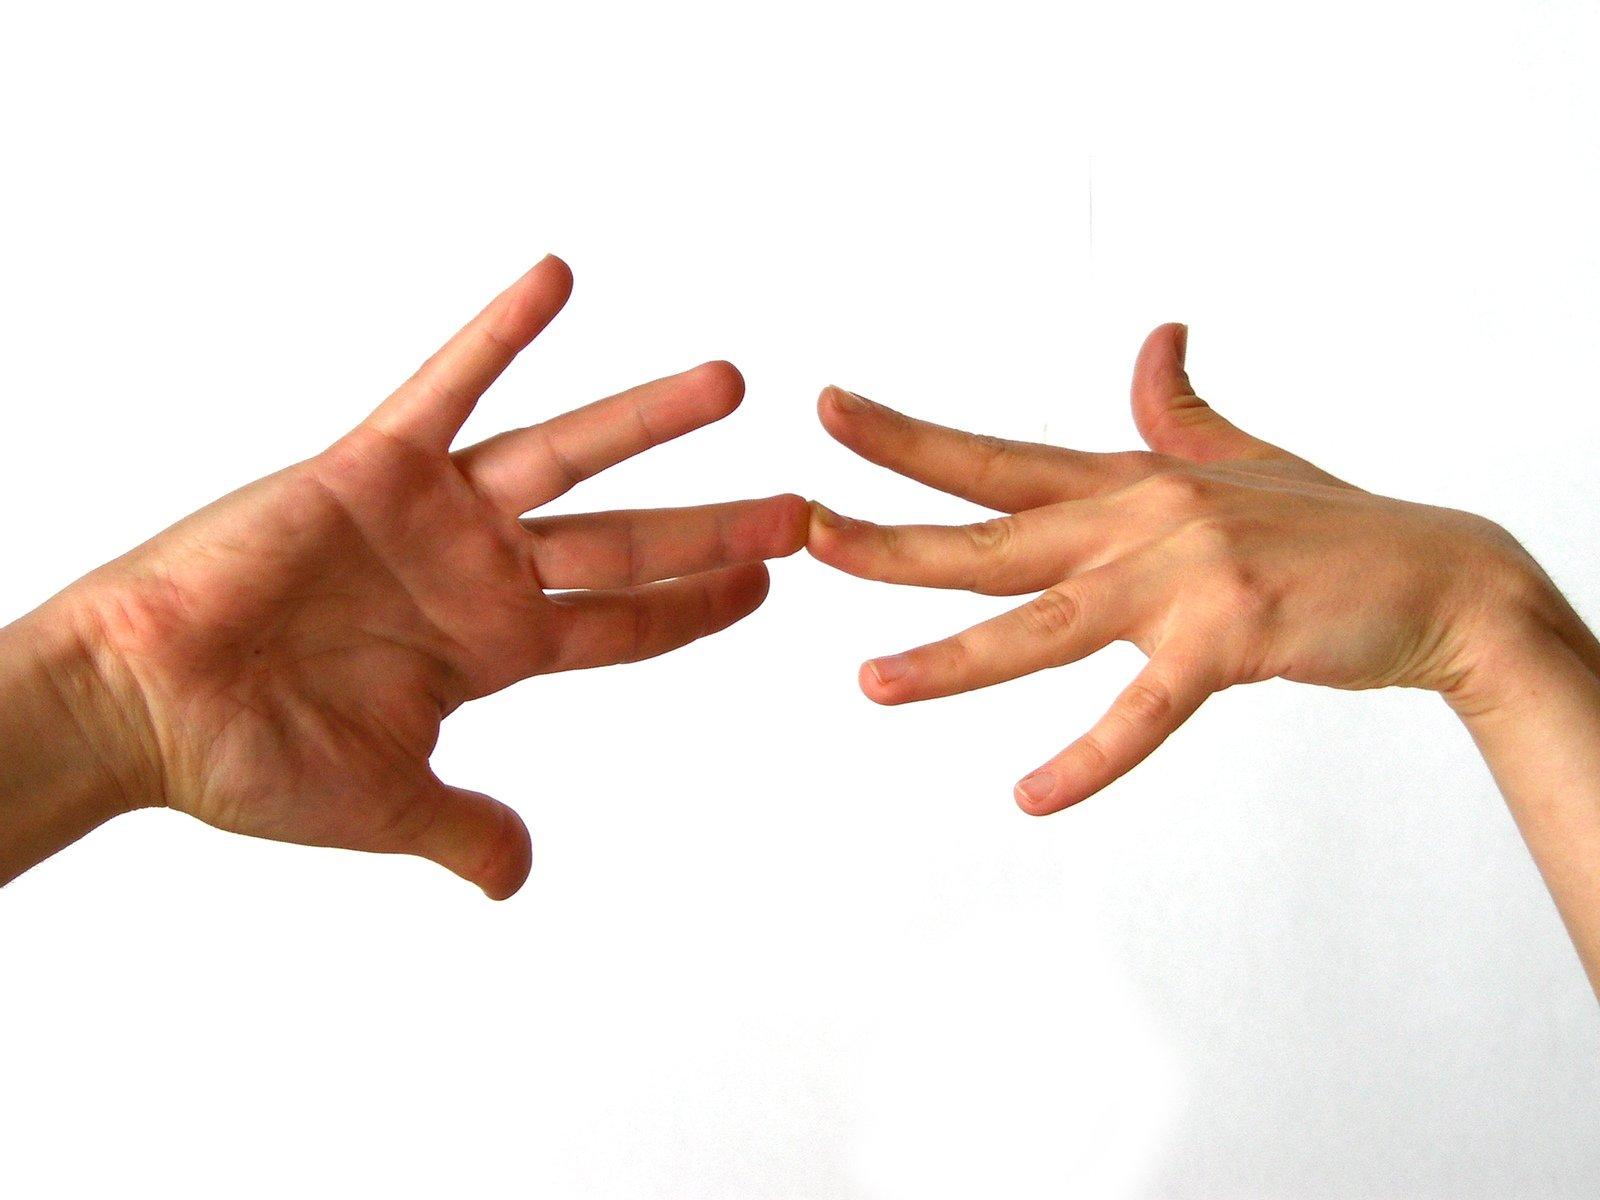 Hands,hand,body,contact